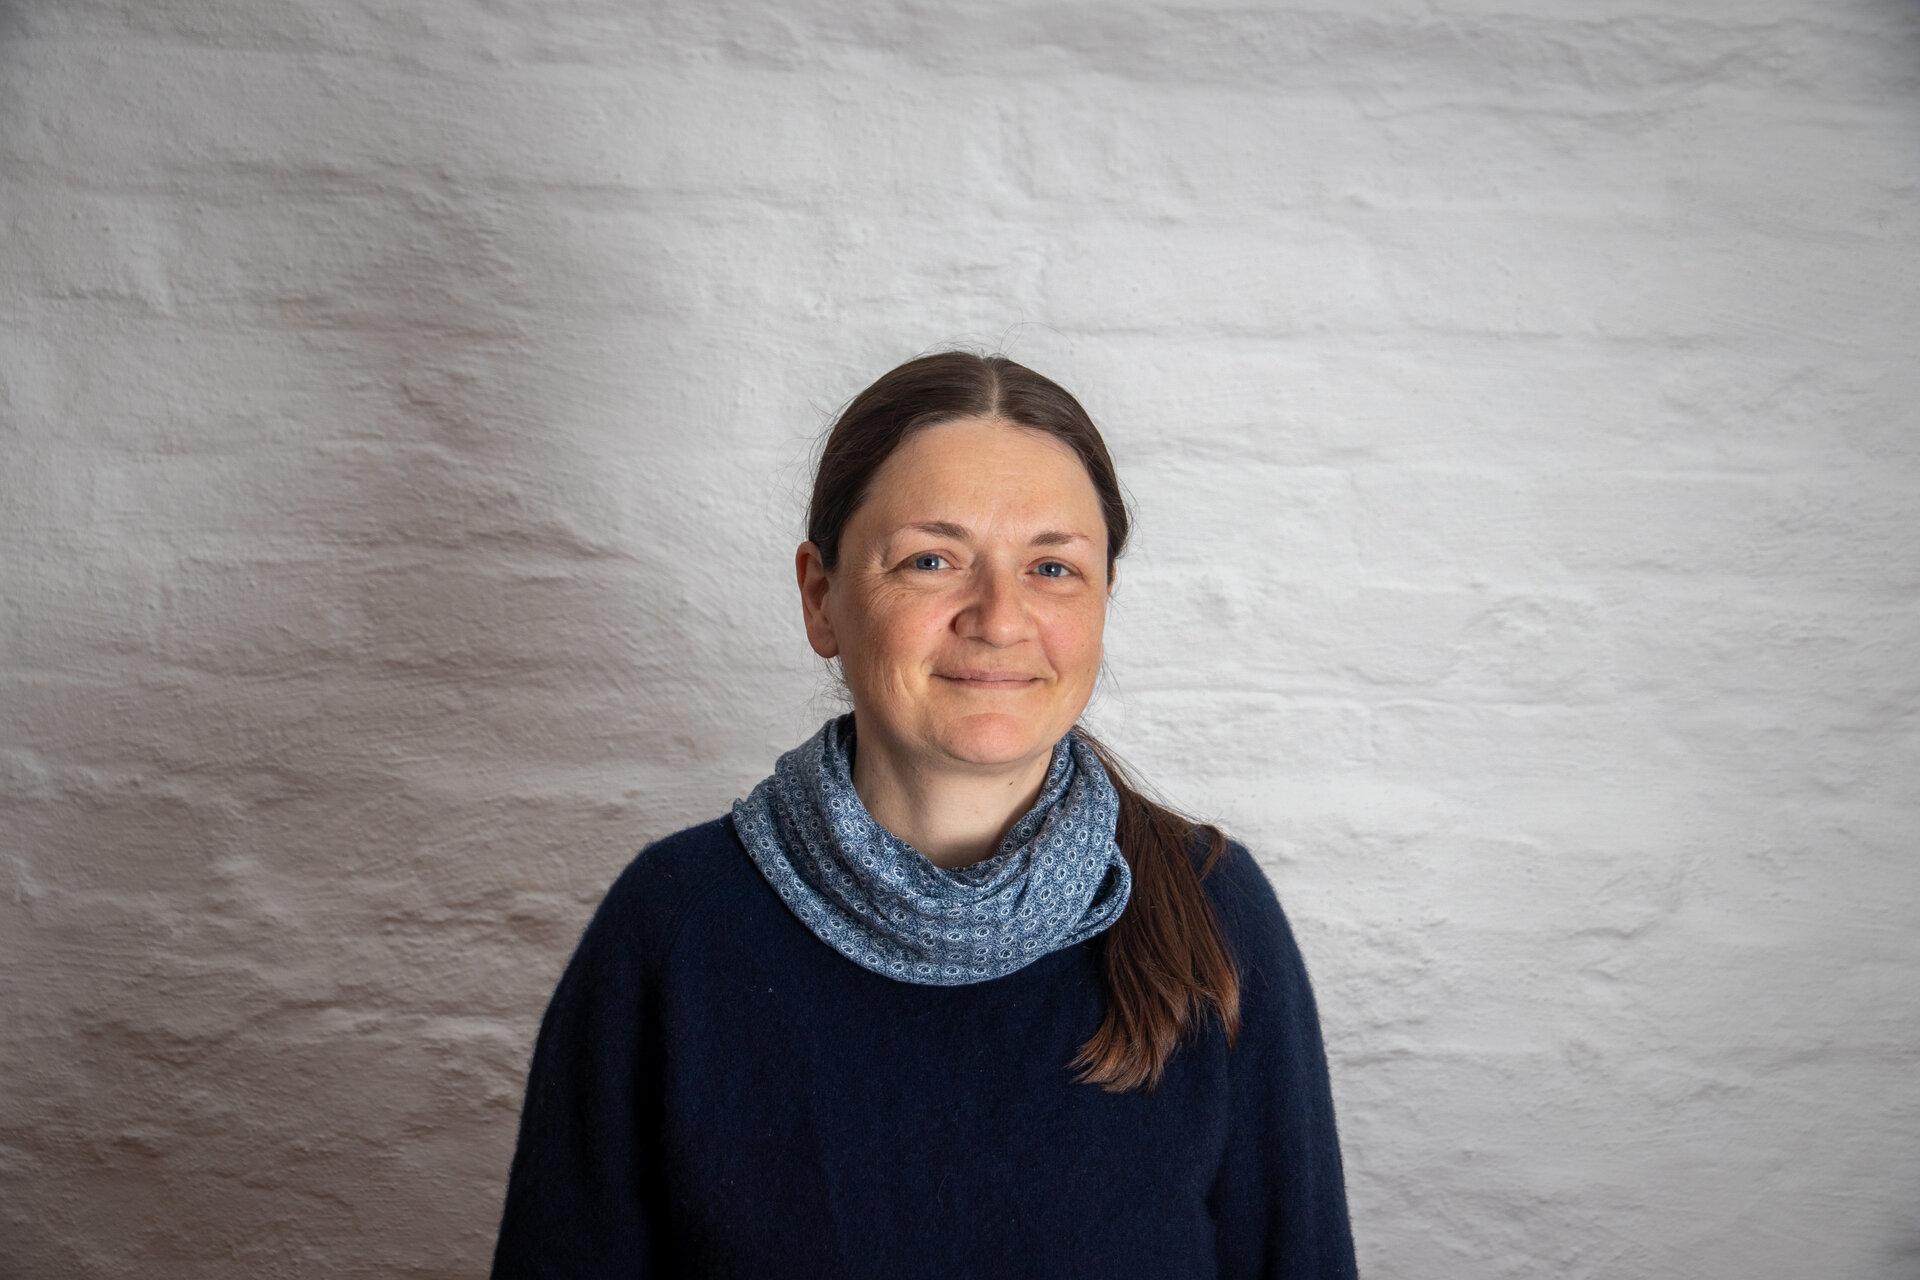 Susanne Holl